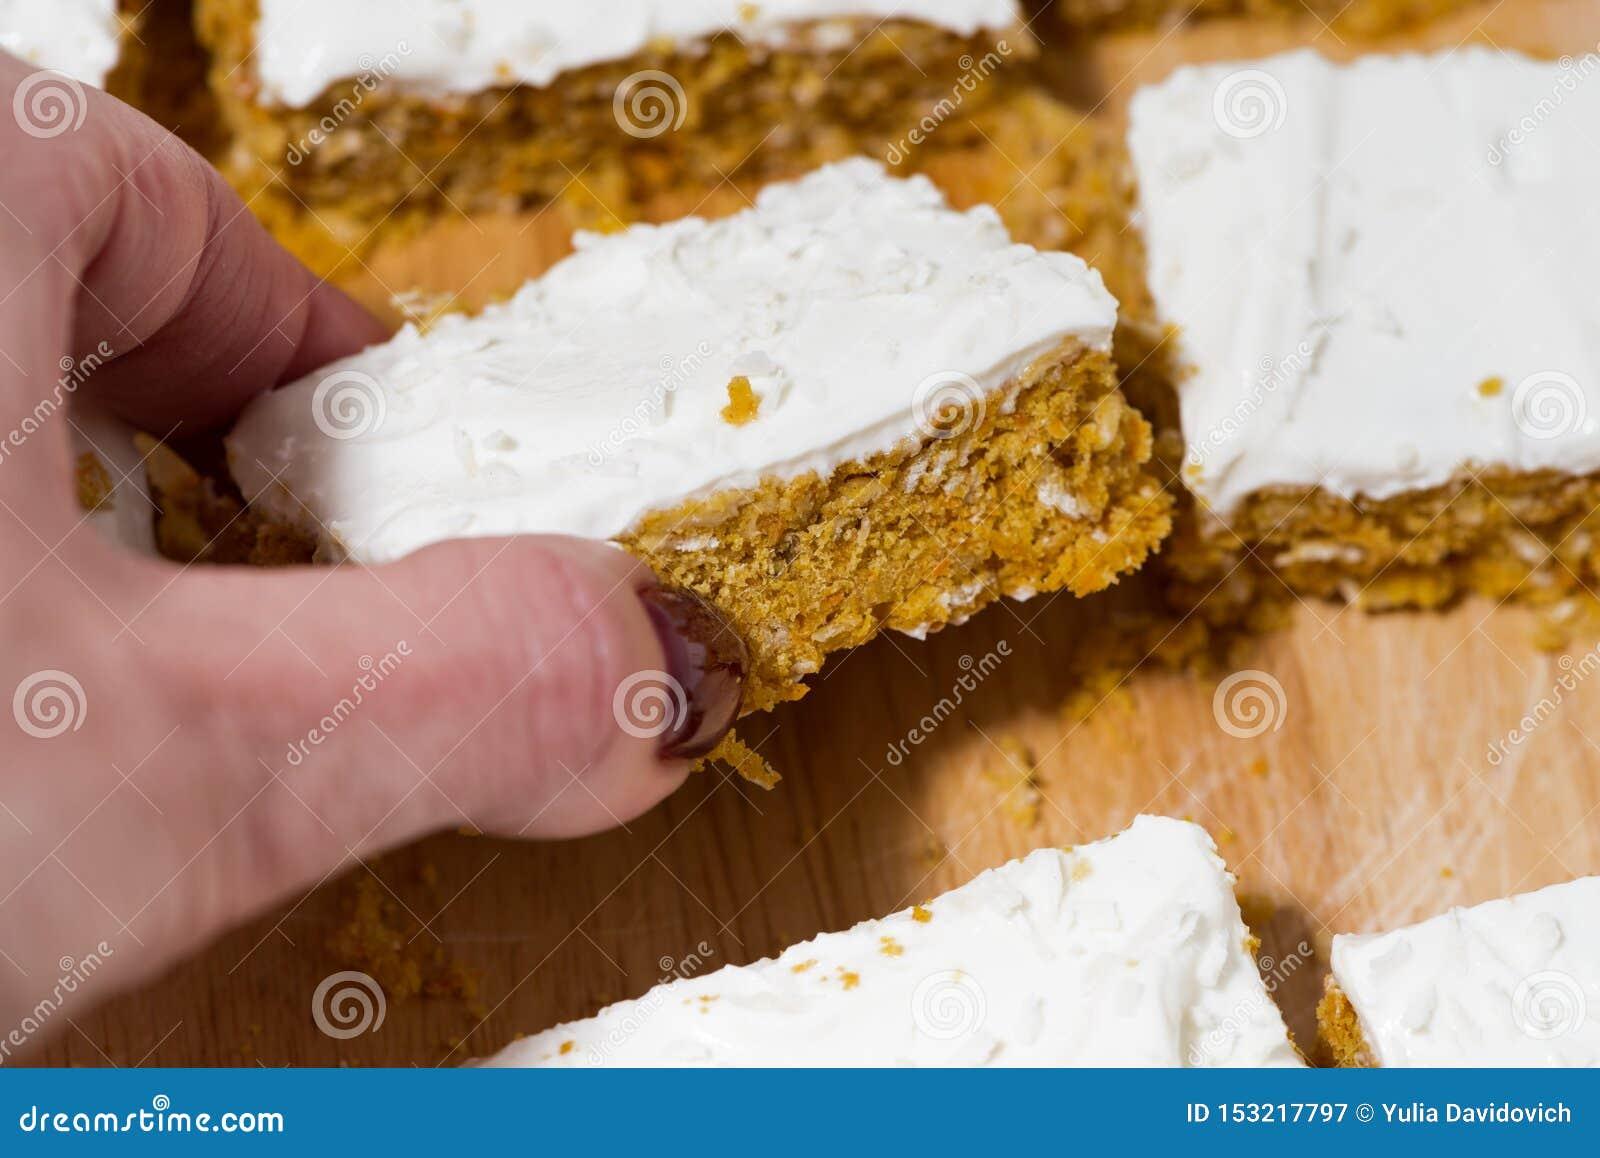 Torta de zanahoria con la formación de hielo, primer